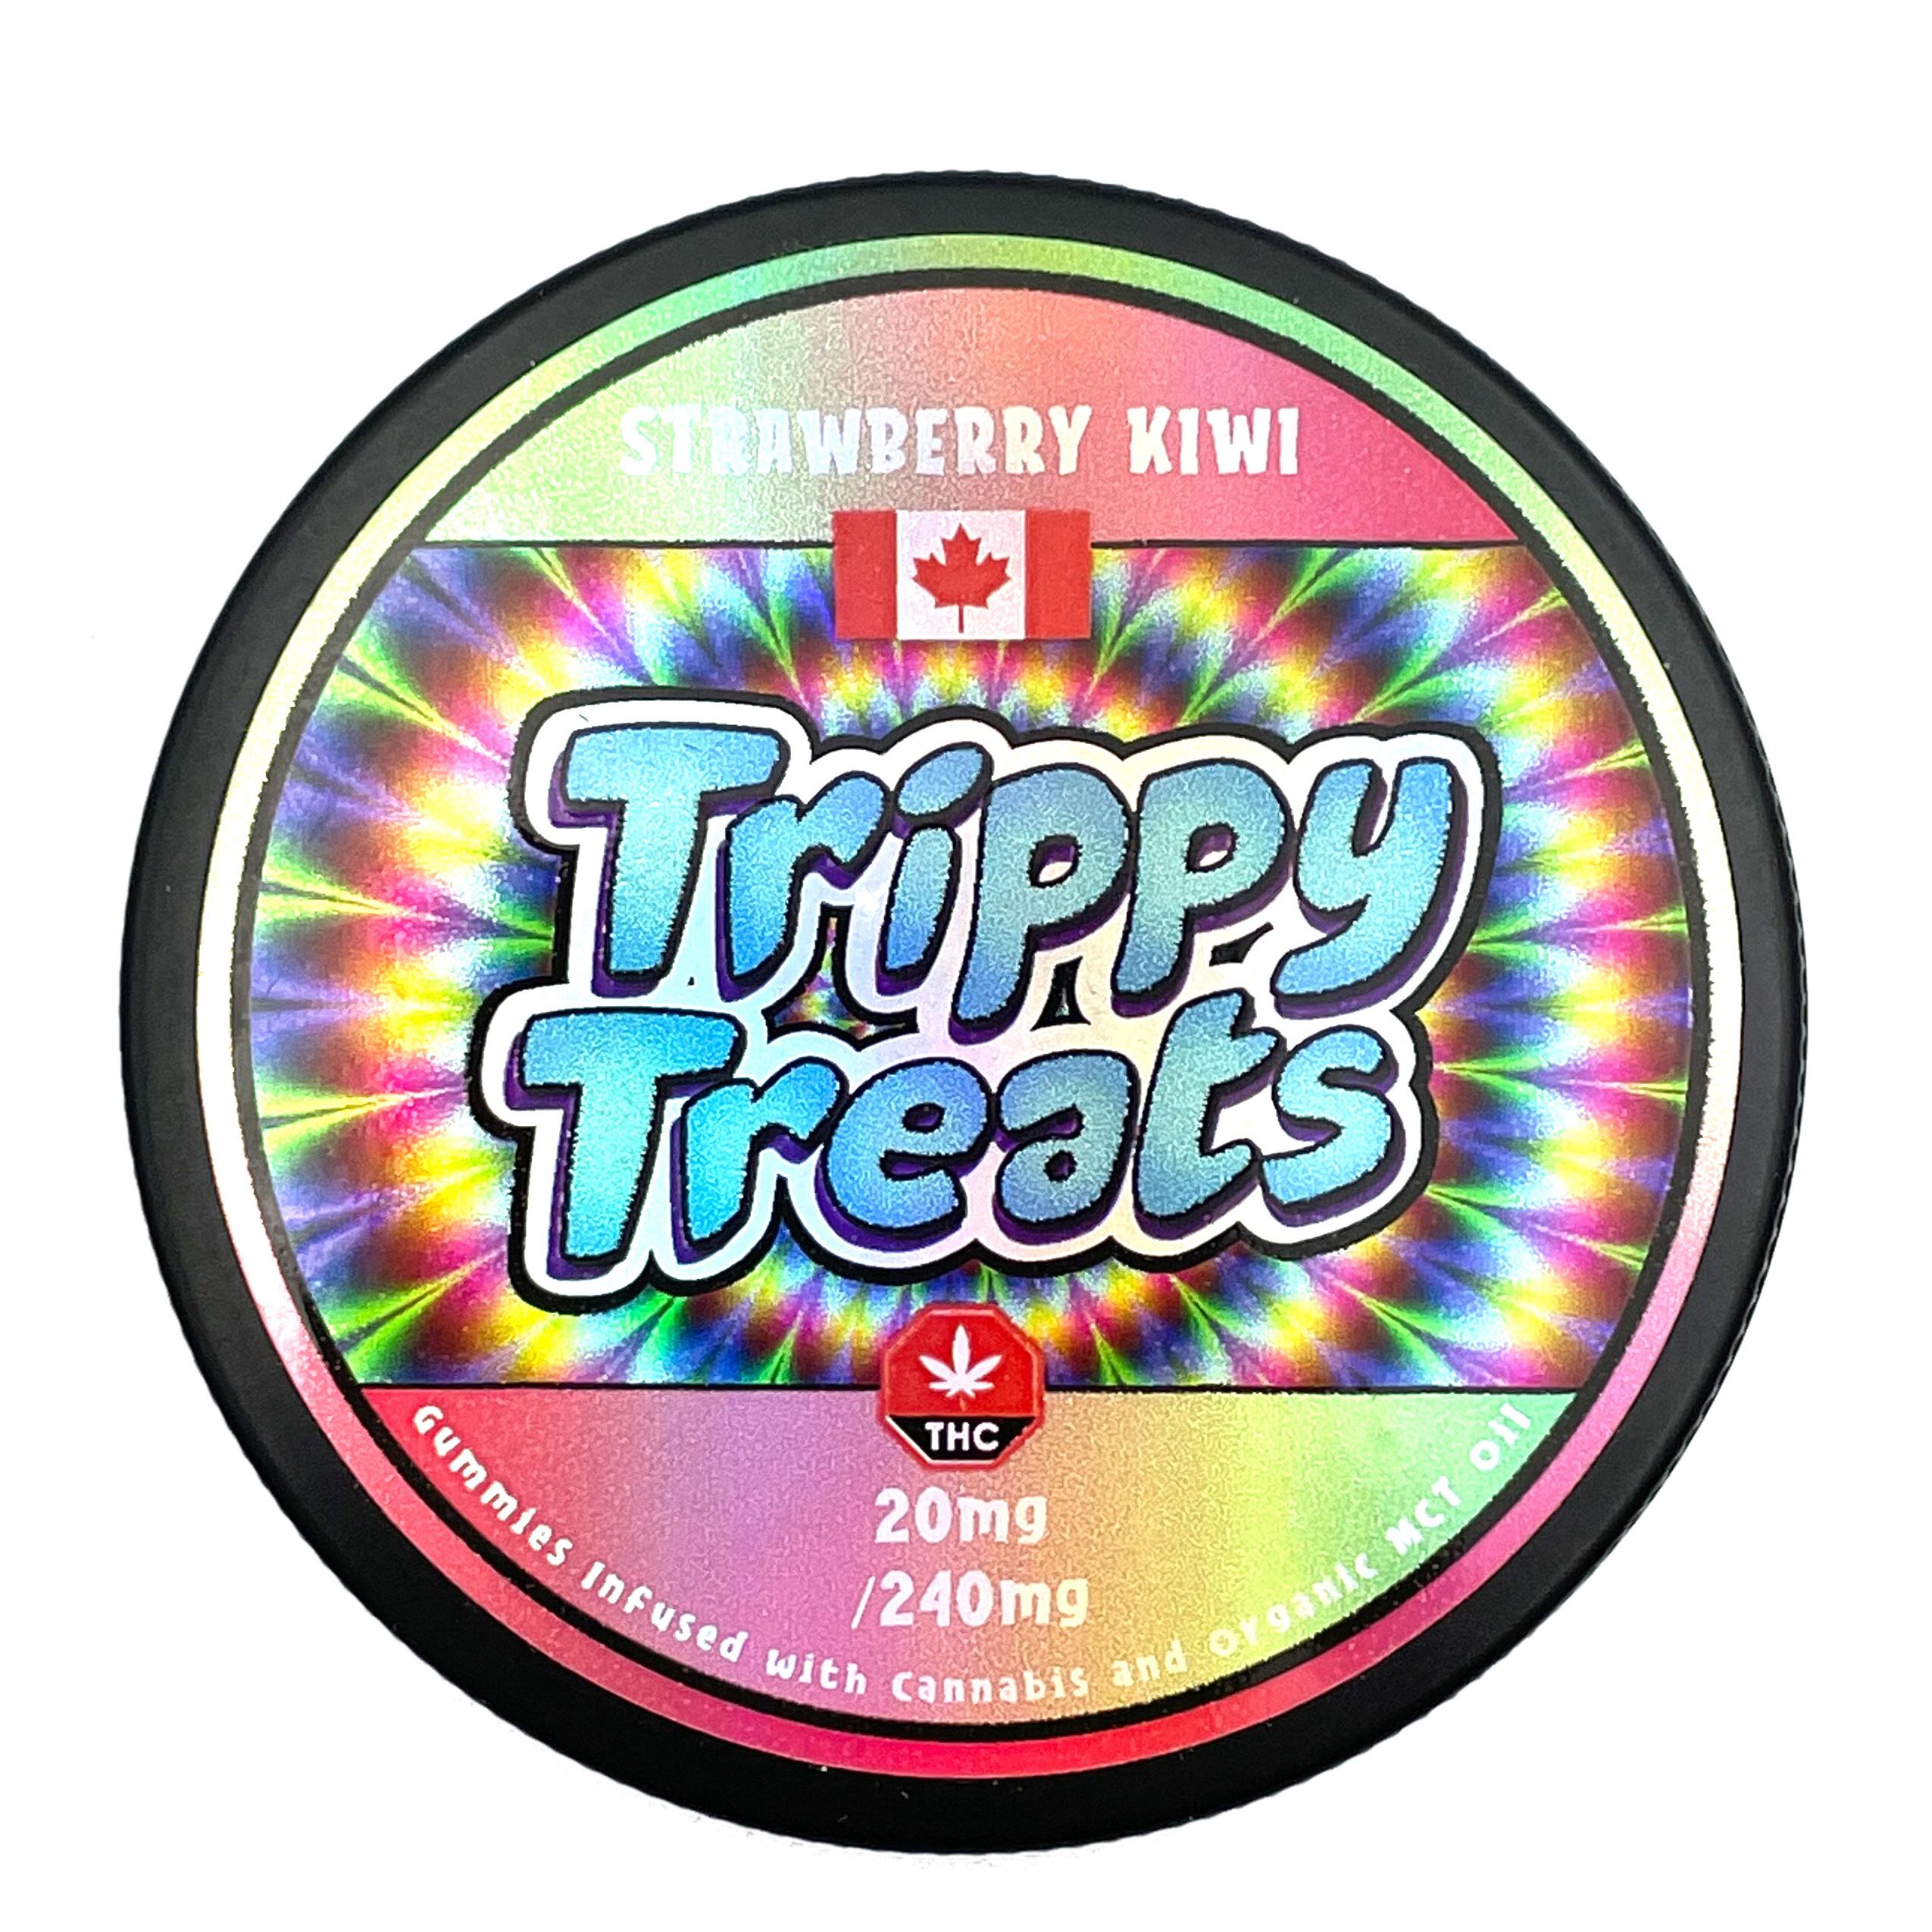 trippyTreats-strawberryKiwi5